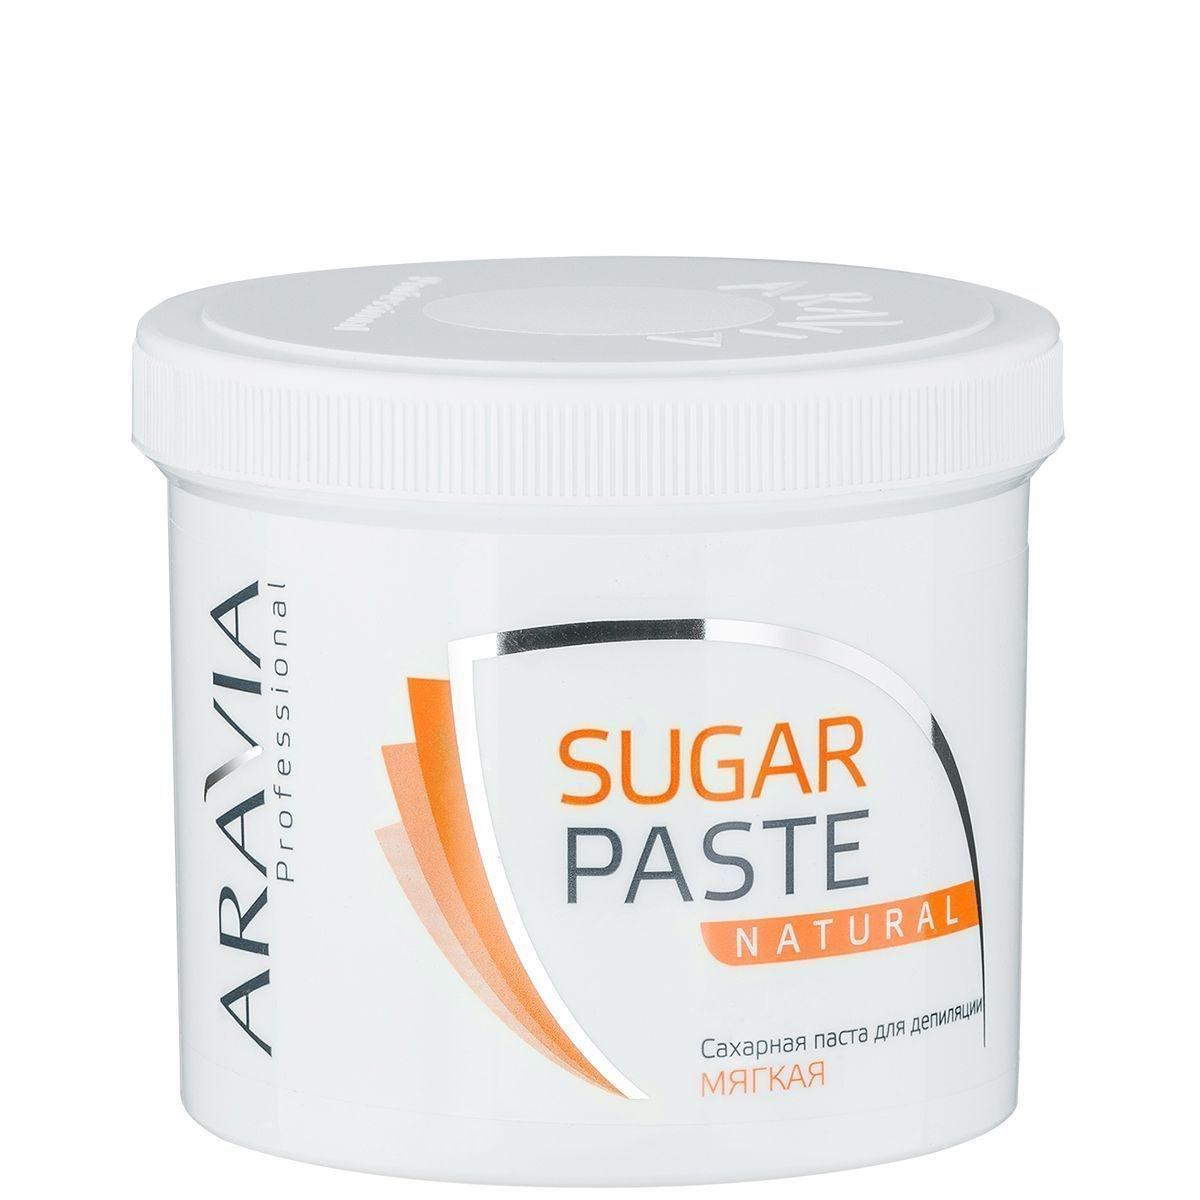 ARAVIA Сахарная Паста для Депиляции Натуральная Мягкой Консистенции, 750 гр сахарная паста для депиляции медовая очень мягкой консистенции 750 гр